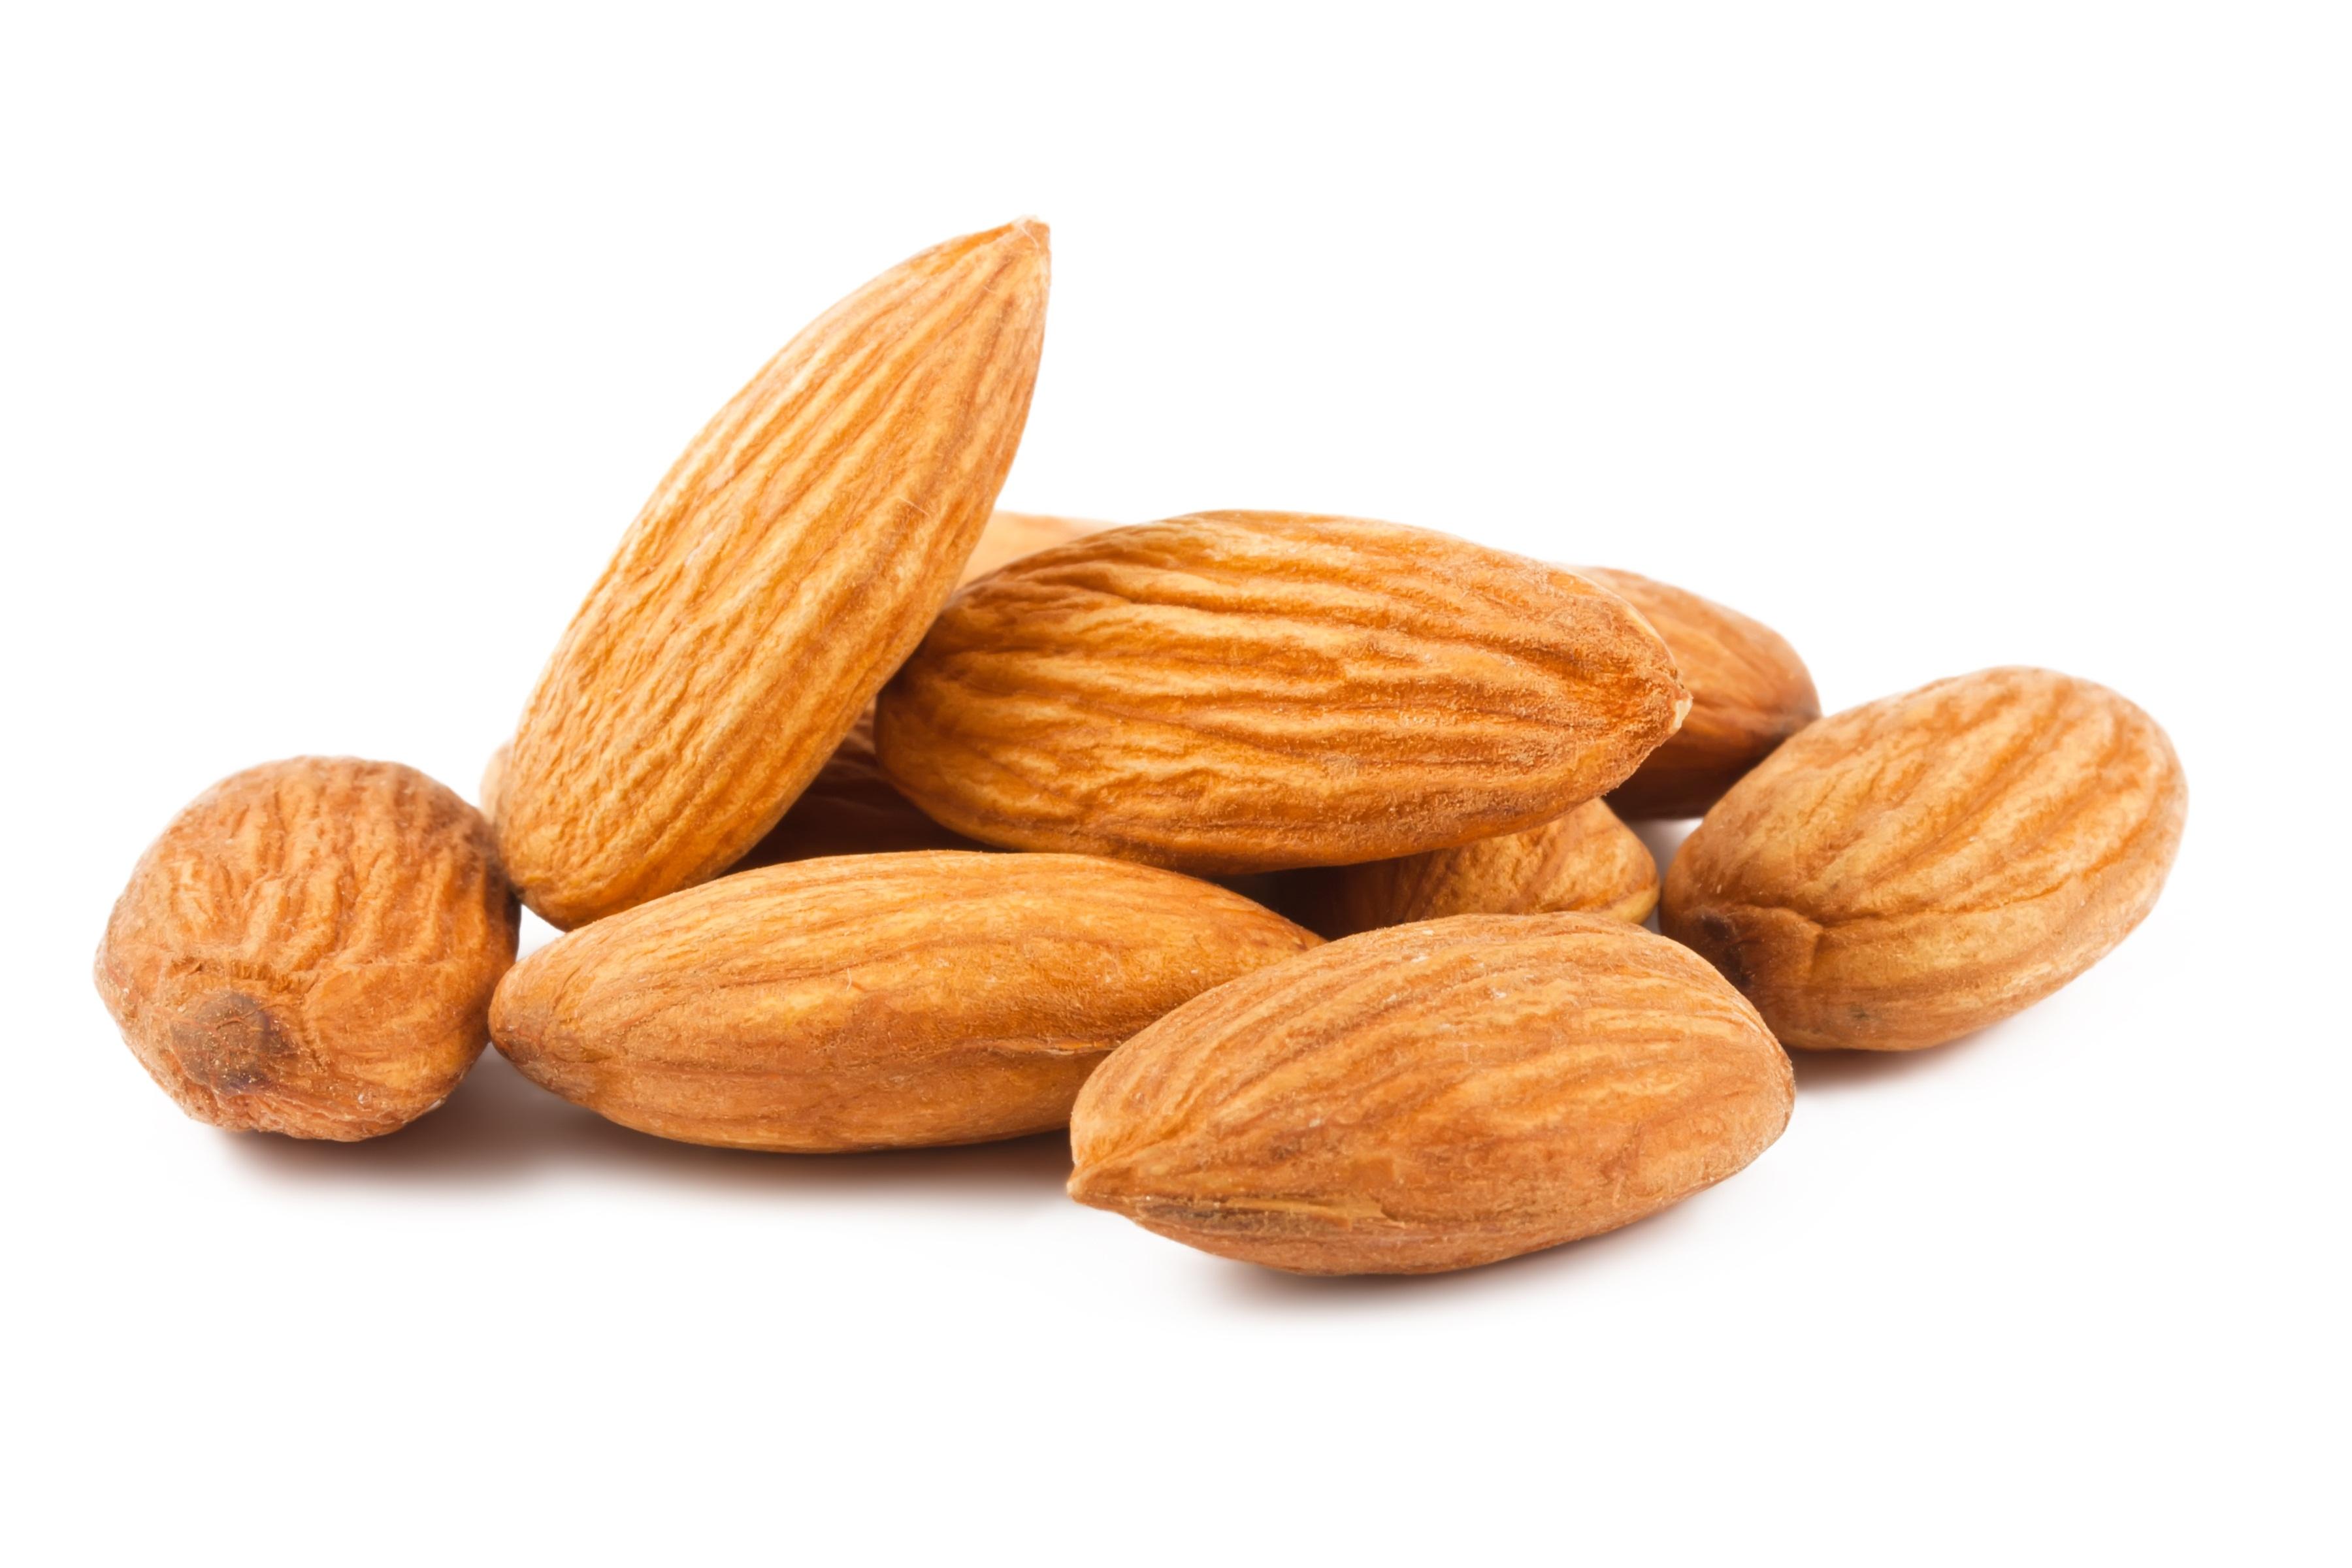 Mandorle: le proprietà benefiche e nutrizionali